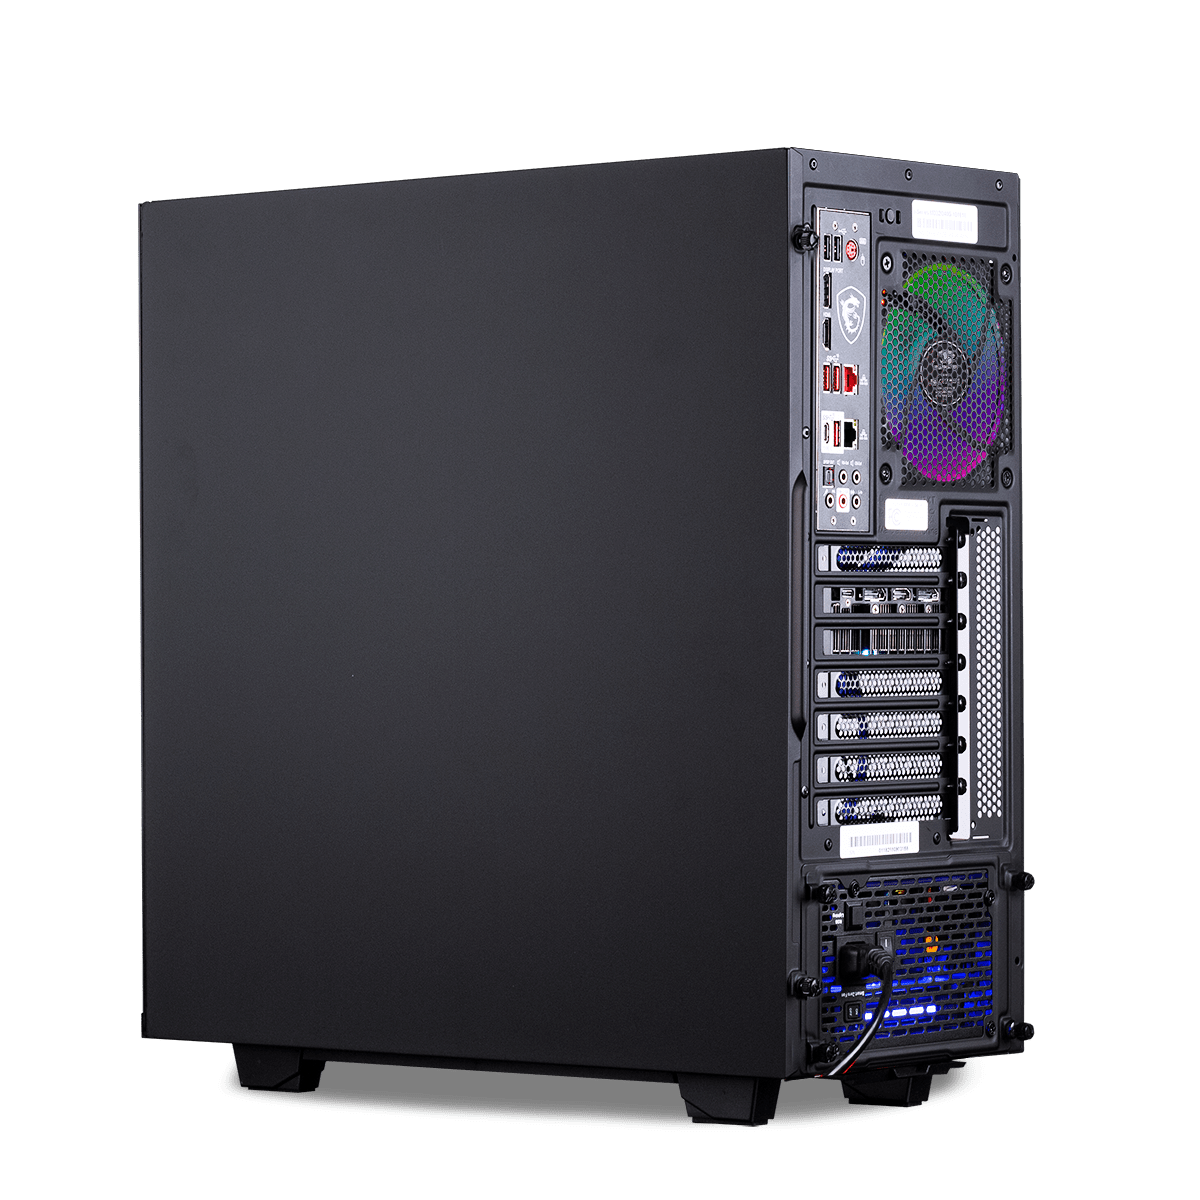 Intel Z390 Core i9 Configurator